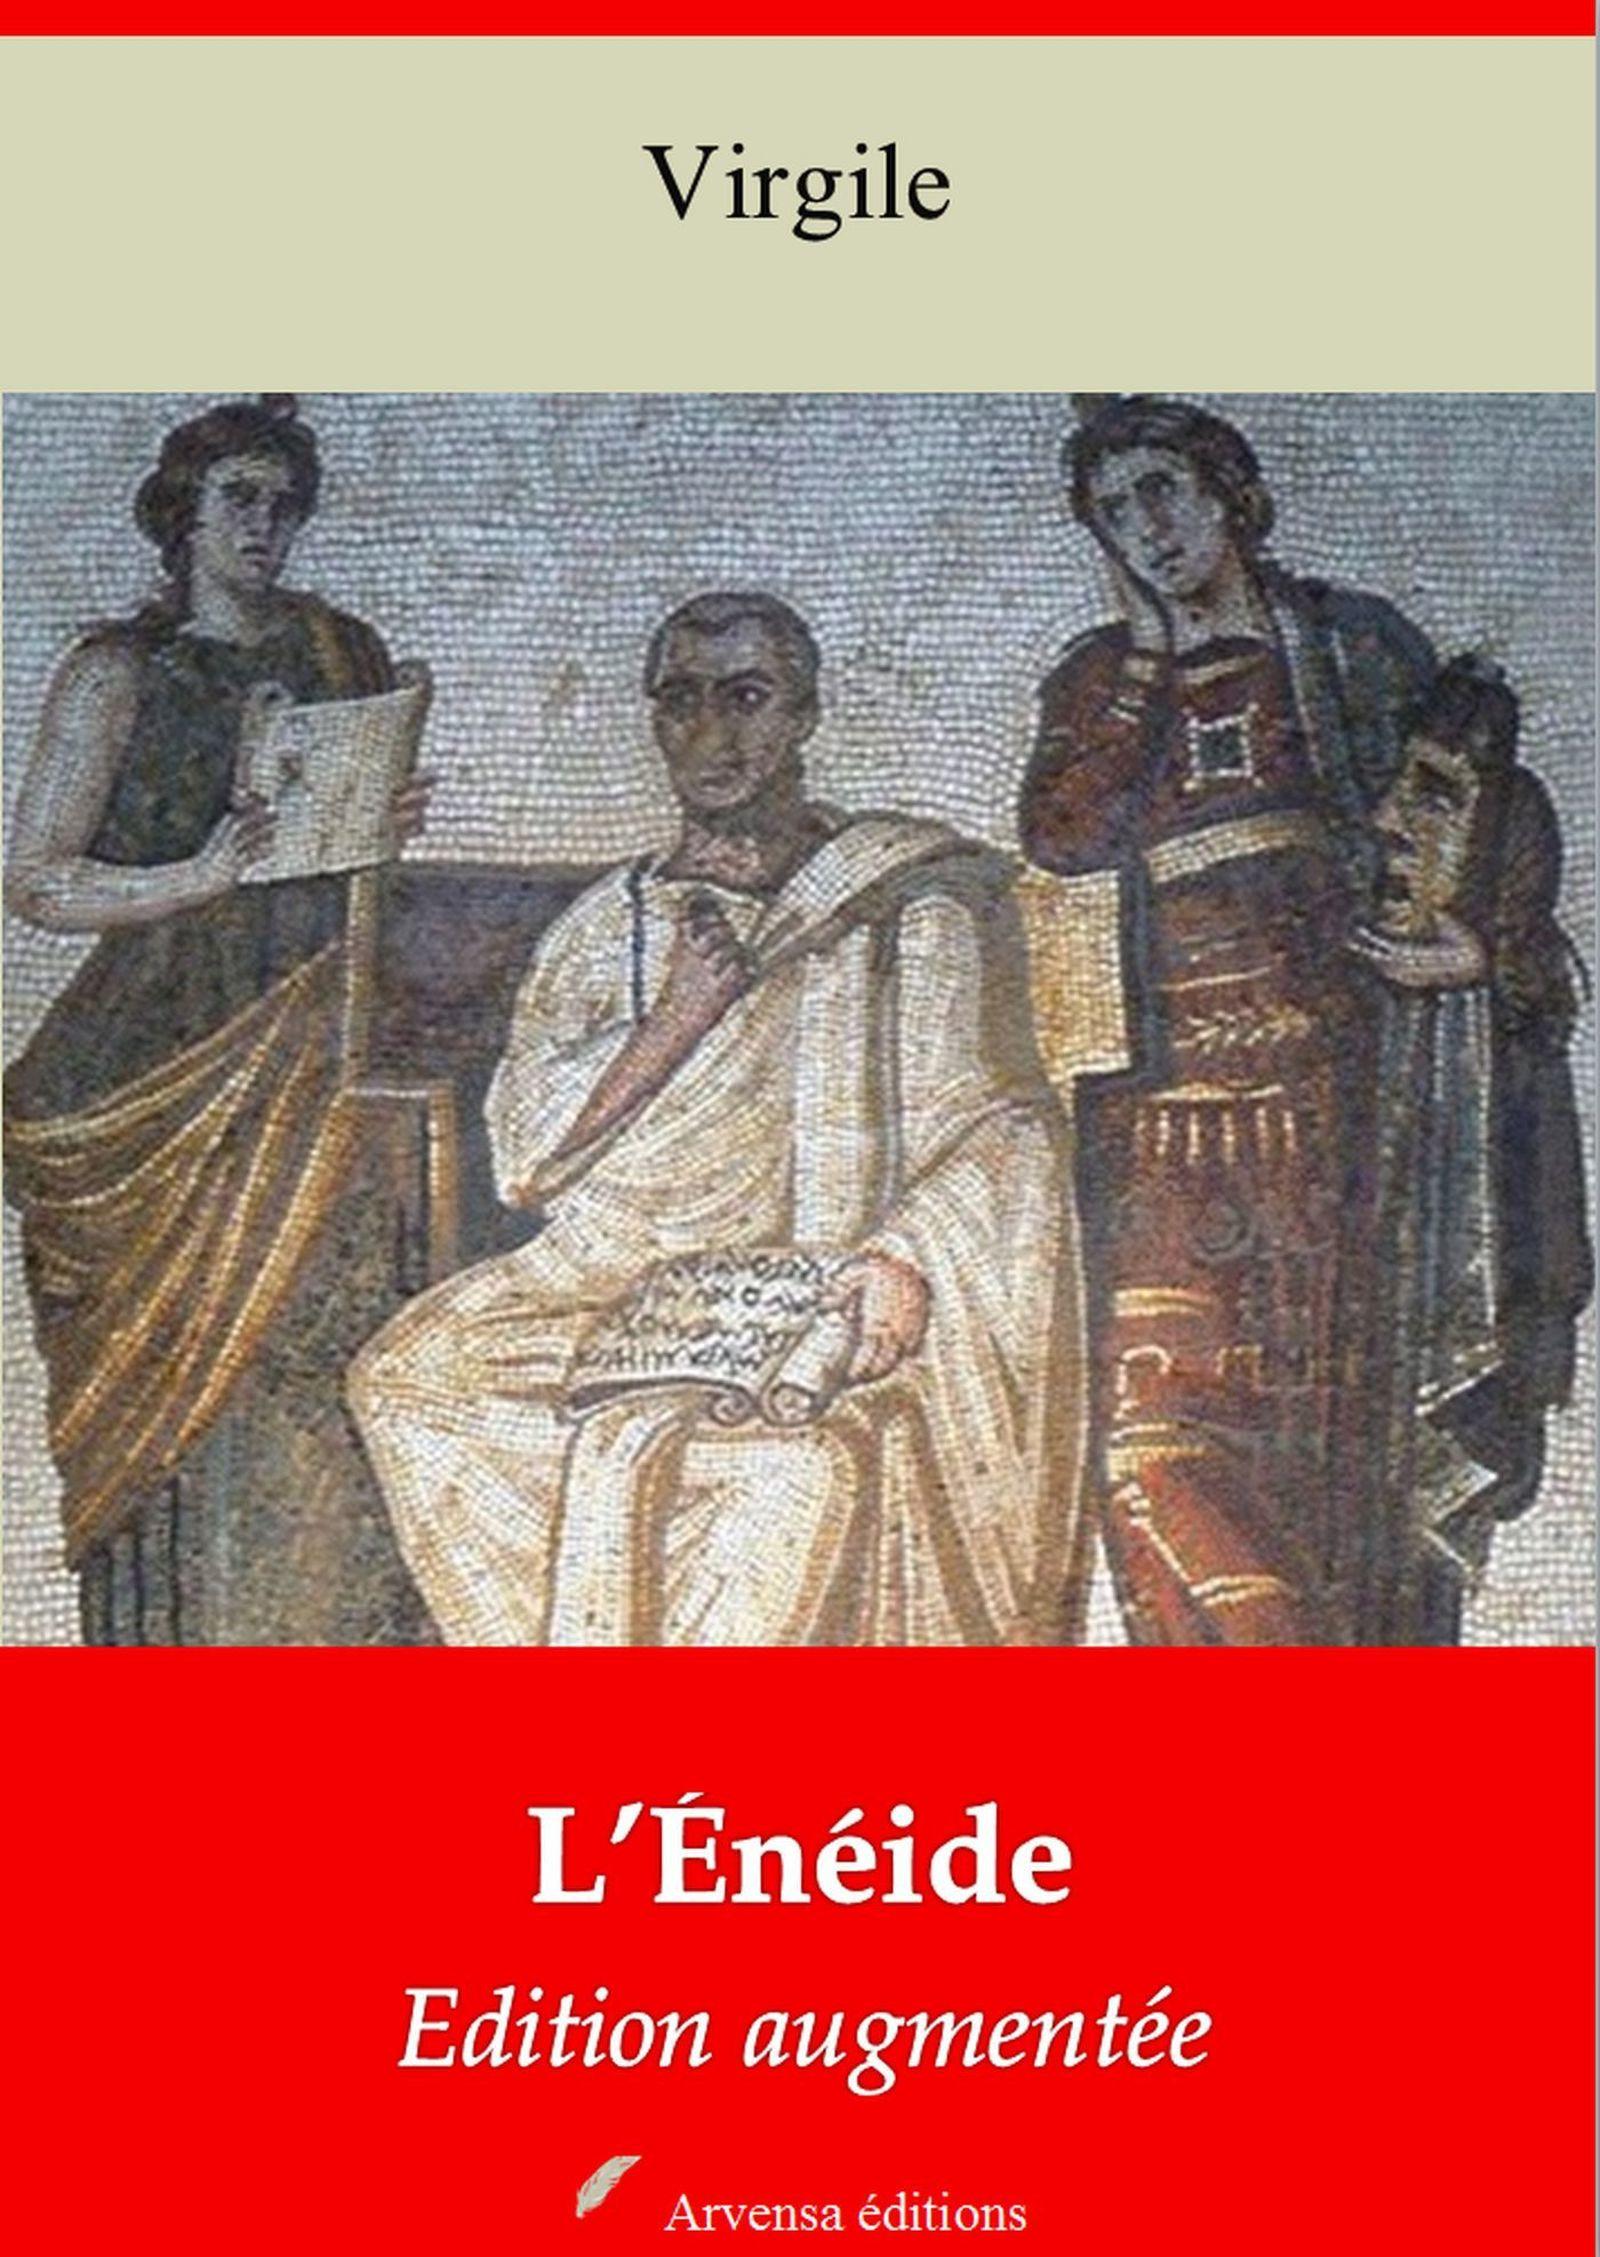 L'Énéide - suivi d'annexes